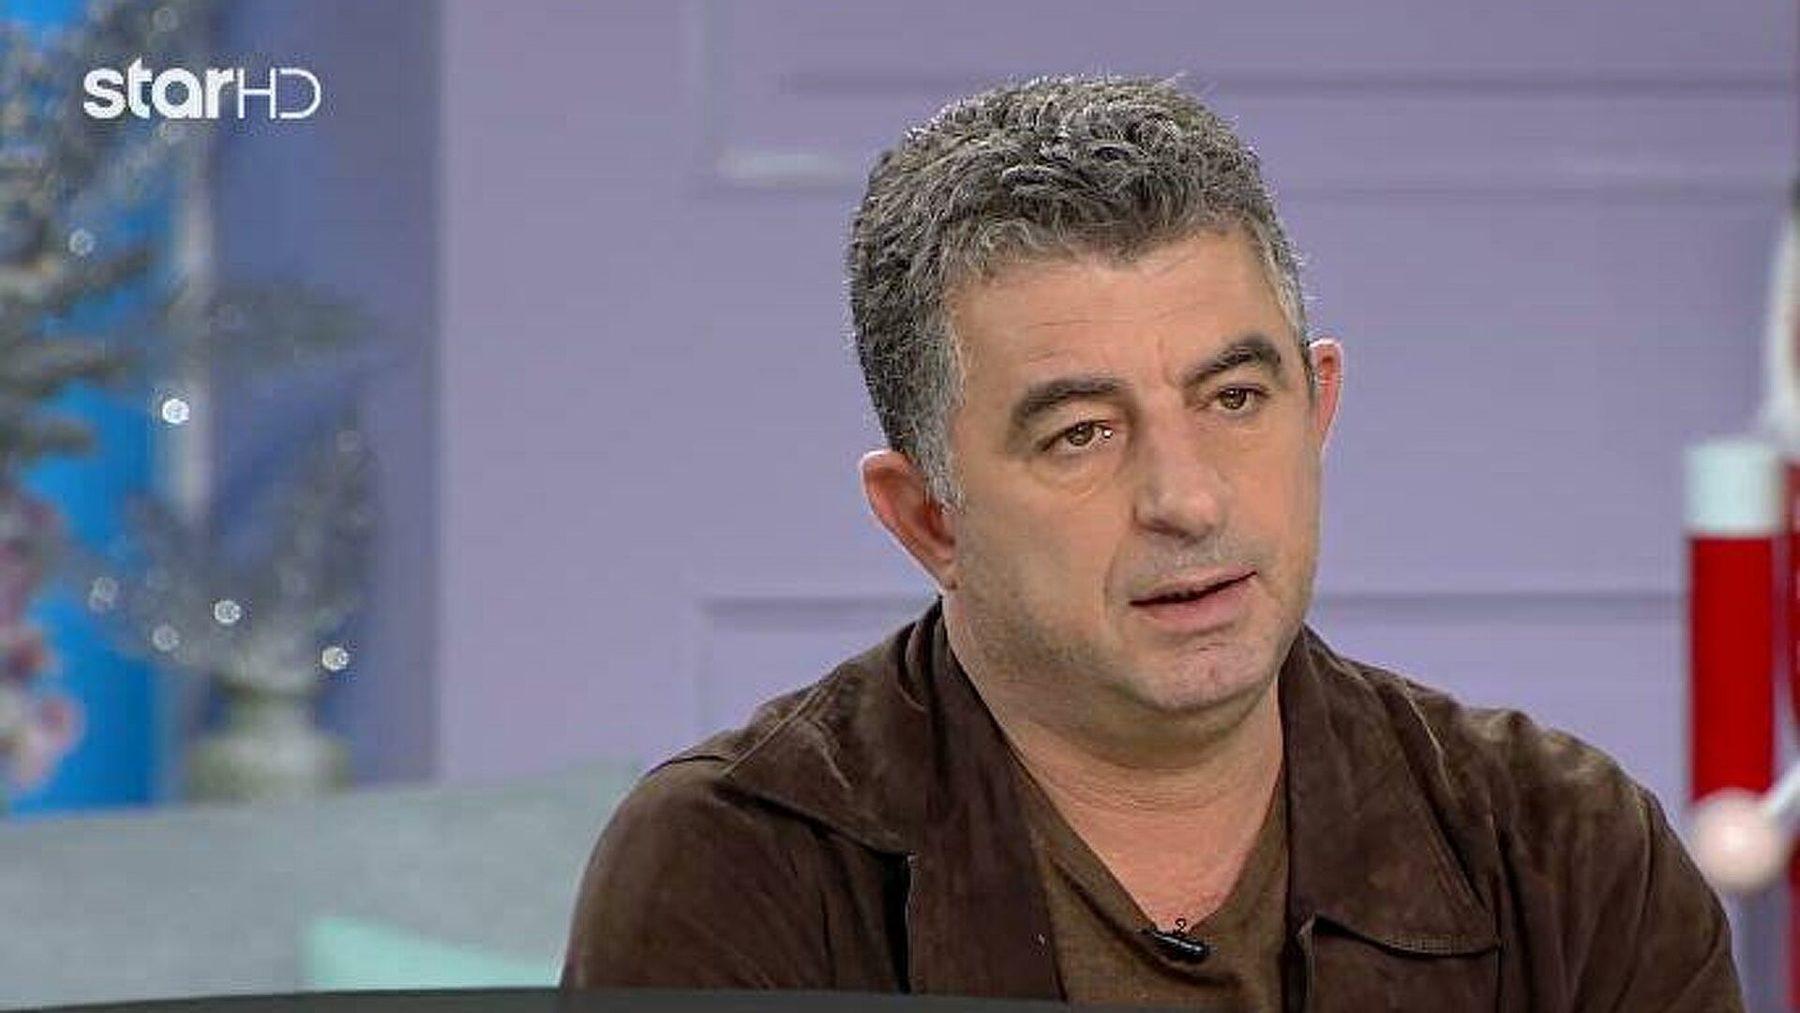 Γιώργος Καραϊβαζ: Η ανακοίνωση της ΕΣΗΕΑ - «Οι δημοσιογράφοι δεν πτοούνται από δολοφονίες»